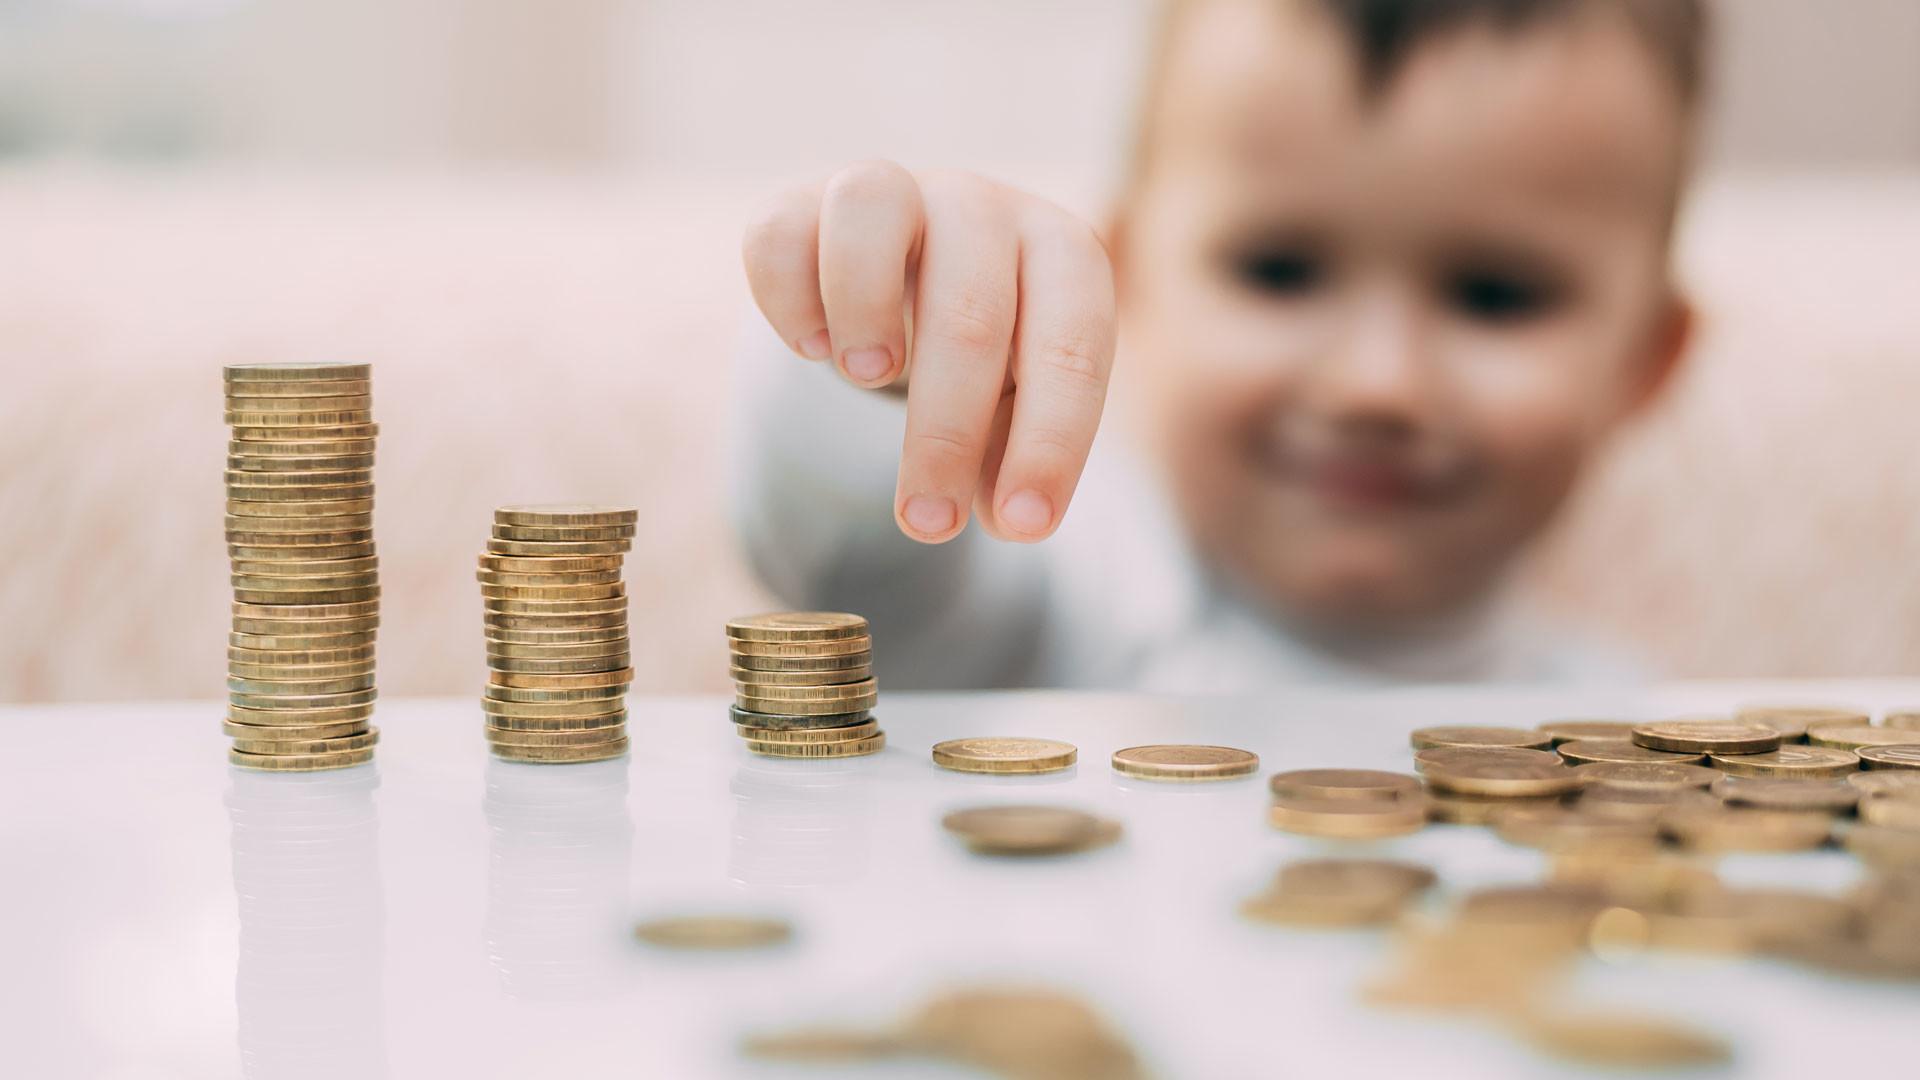 Налоговый вычет на детей с зарплаты. Разъяснения. Какие документы